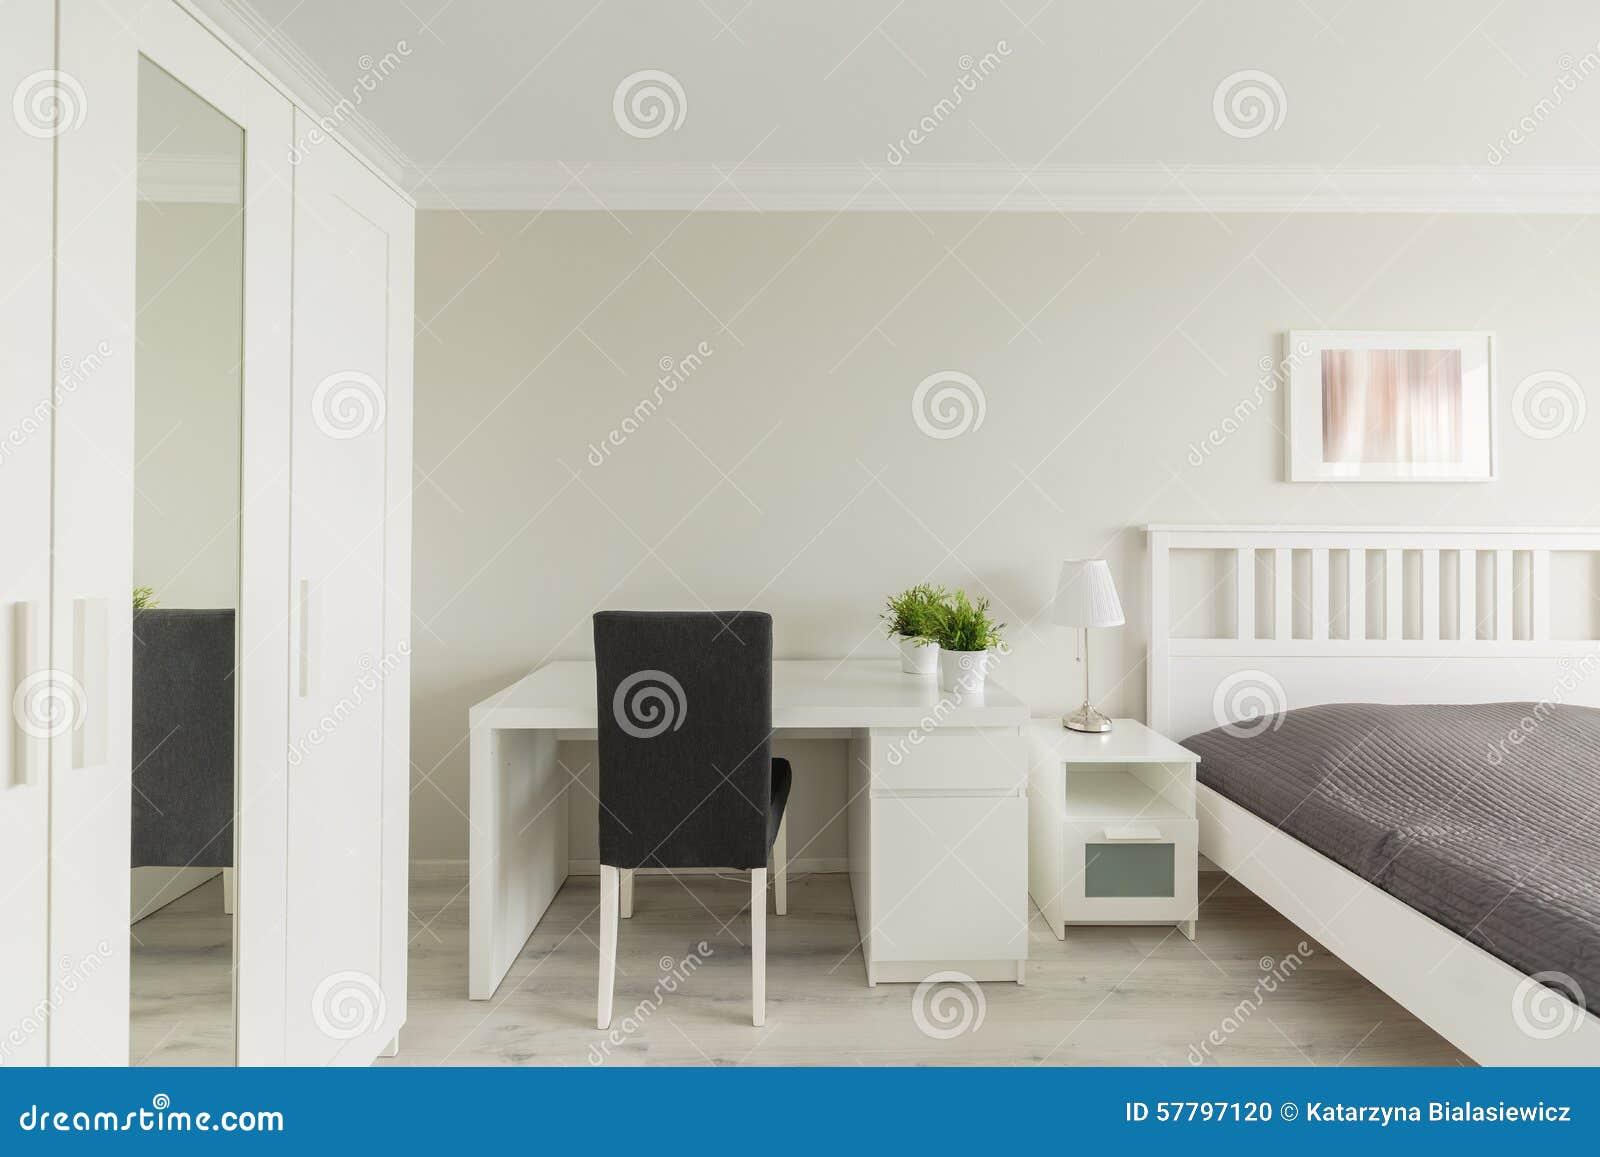 Bedroom with study area stock photo image 57797120 - Camera da letto e studio ...